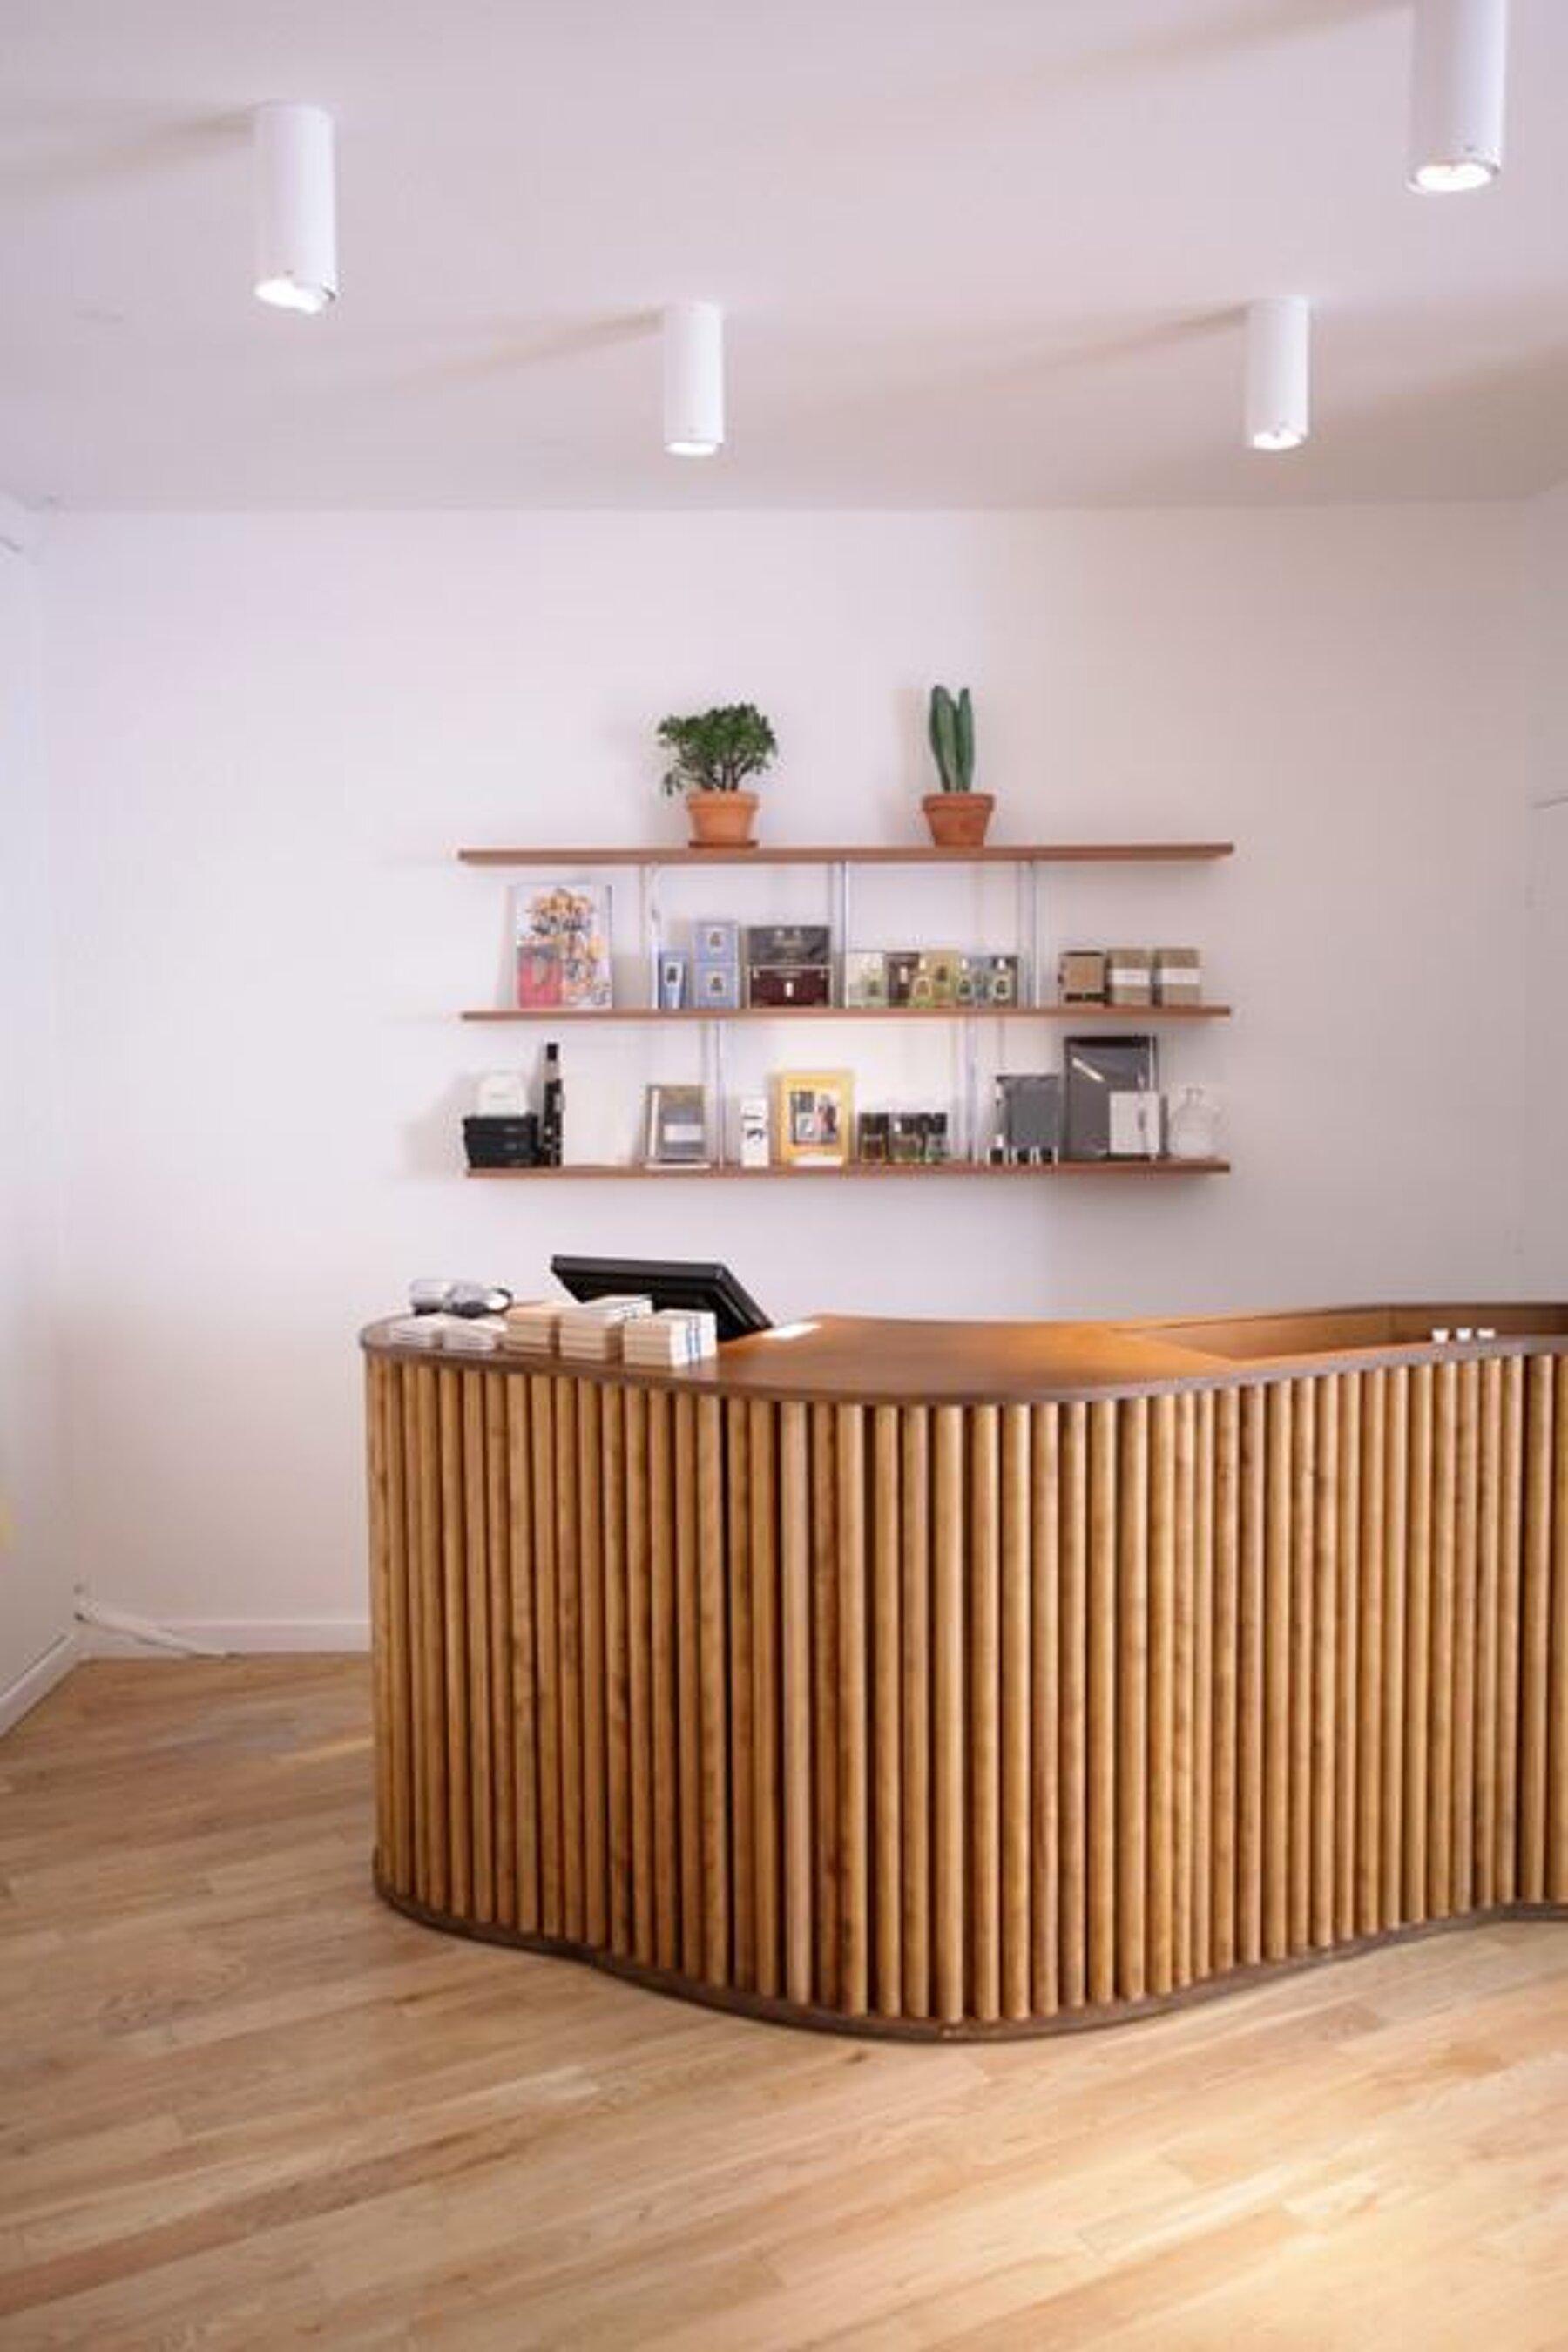 Réaménagement intérieur - Commerce par un architecte Archidvisor